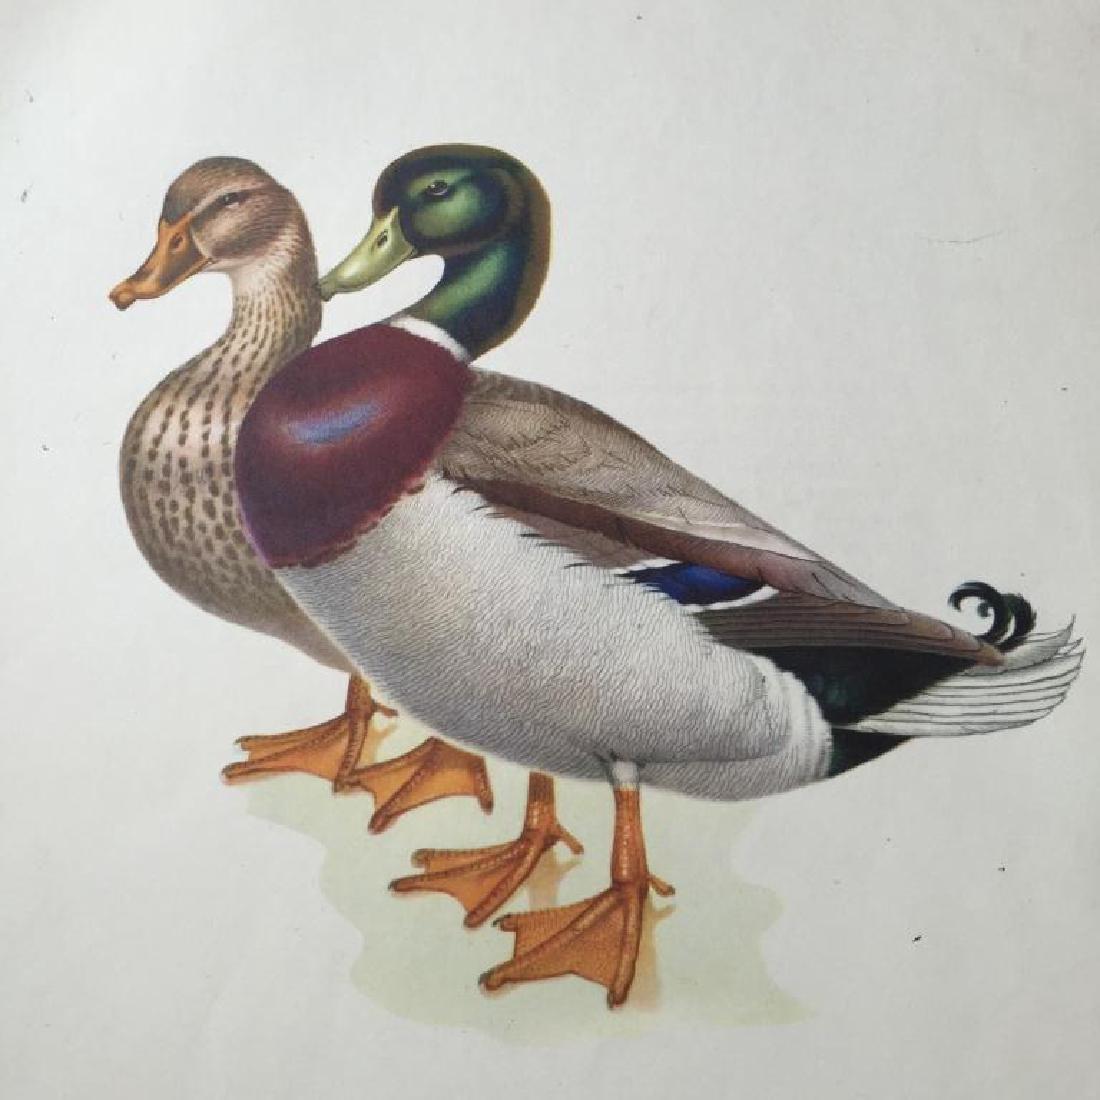 1950 Menaboni Print, Mallard Ducks